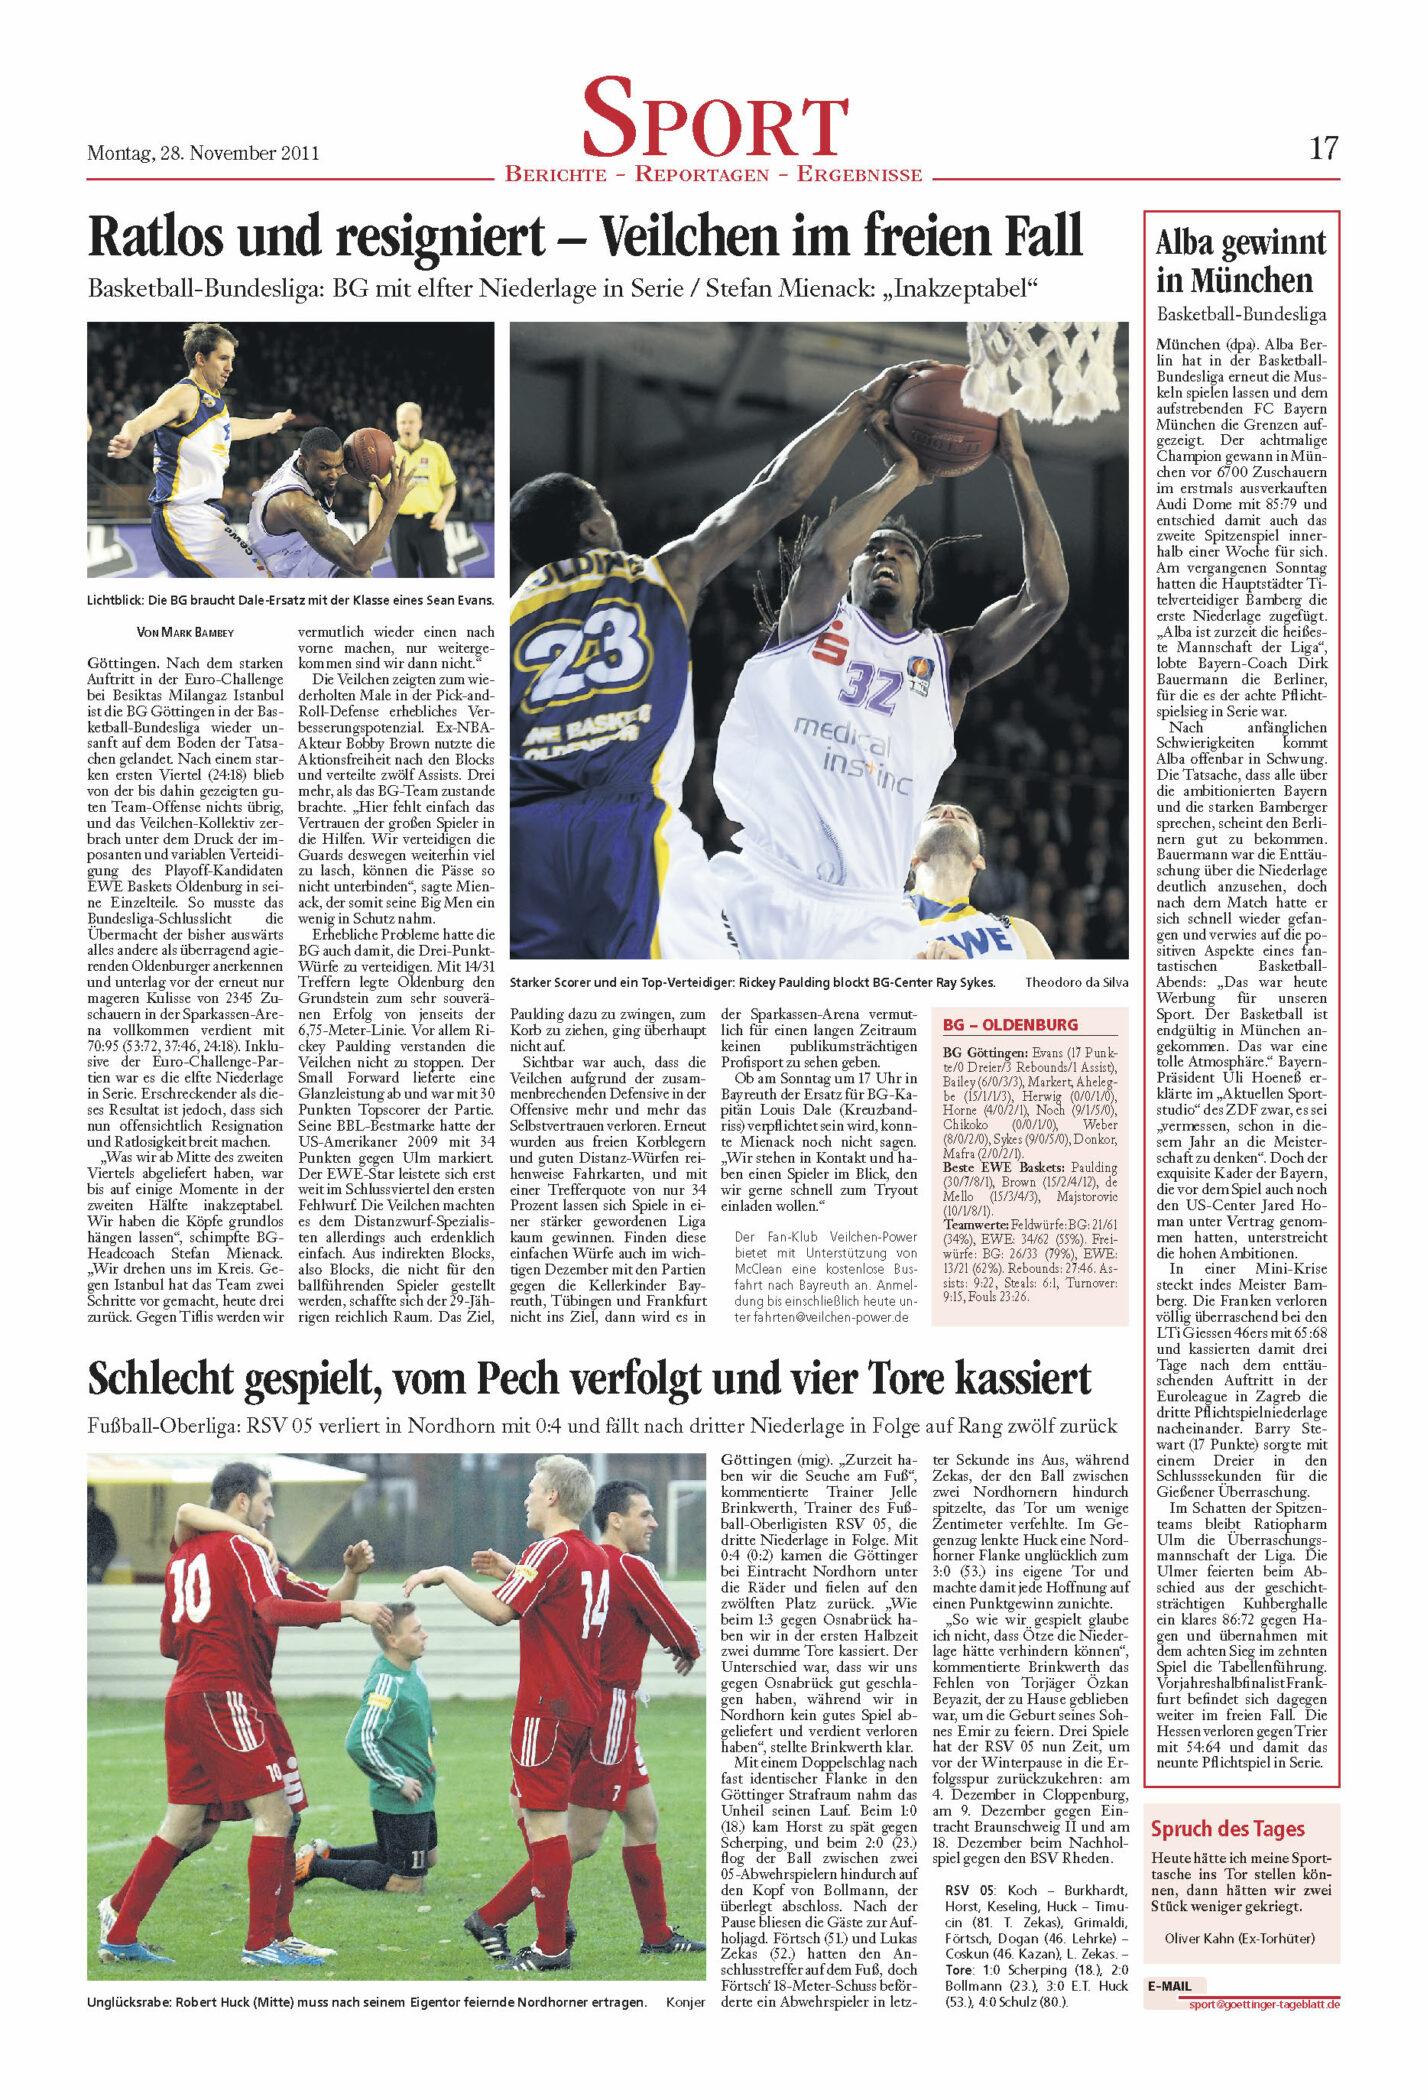 Artikel BG Göttingen